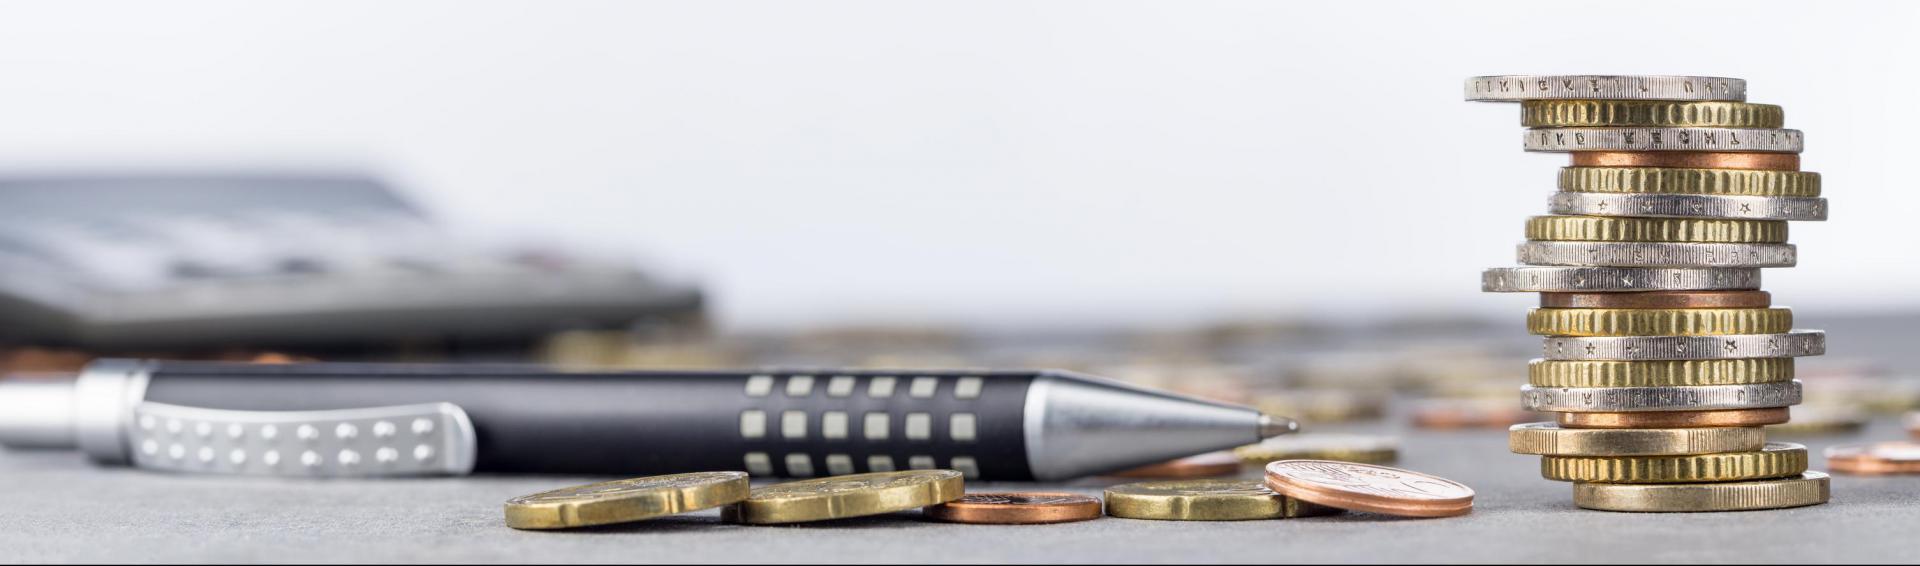 Euromünzen im Stapel und verstreut mit Kugelschreiber und Taschenrechner